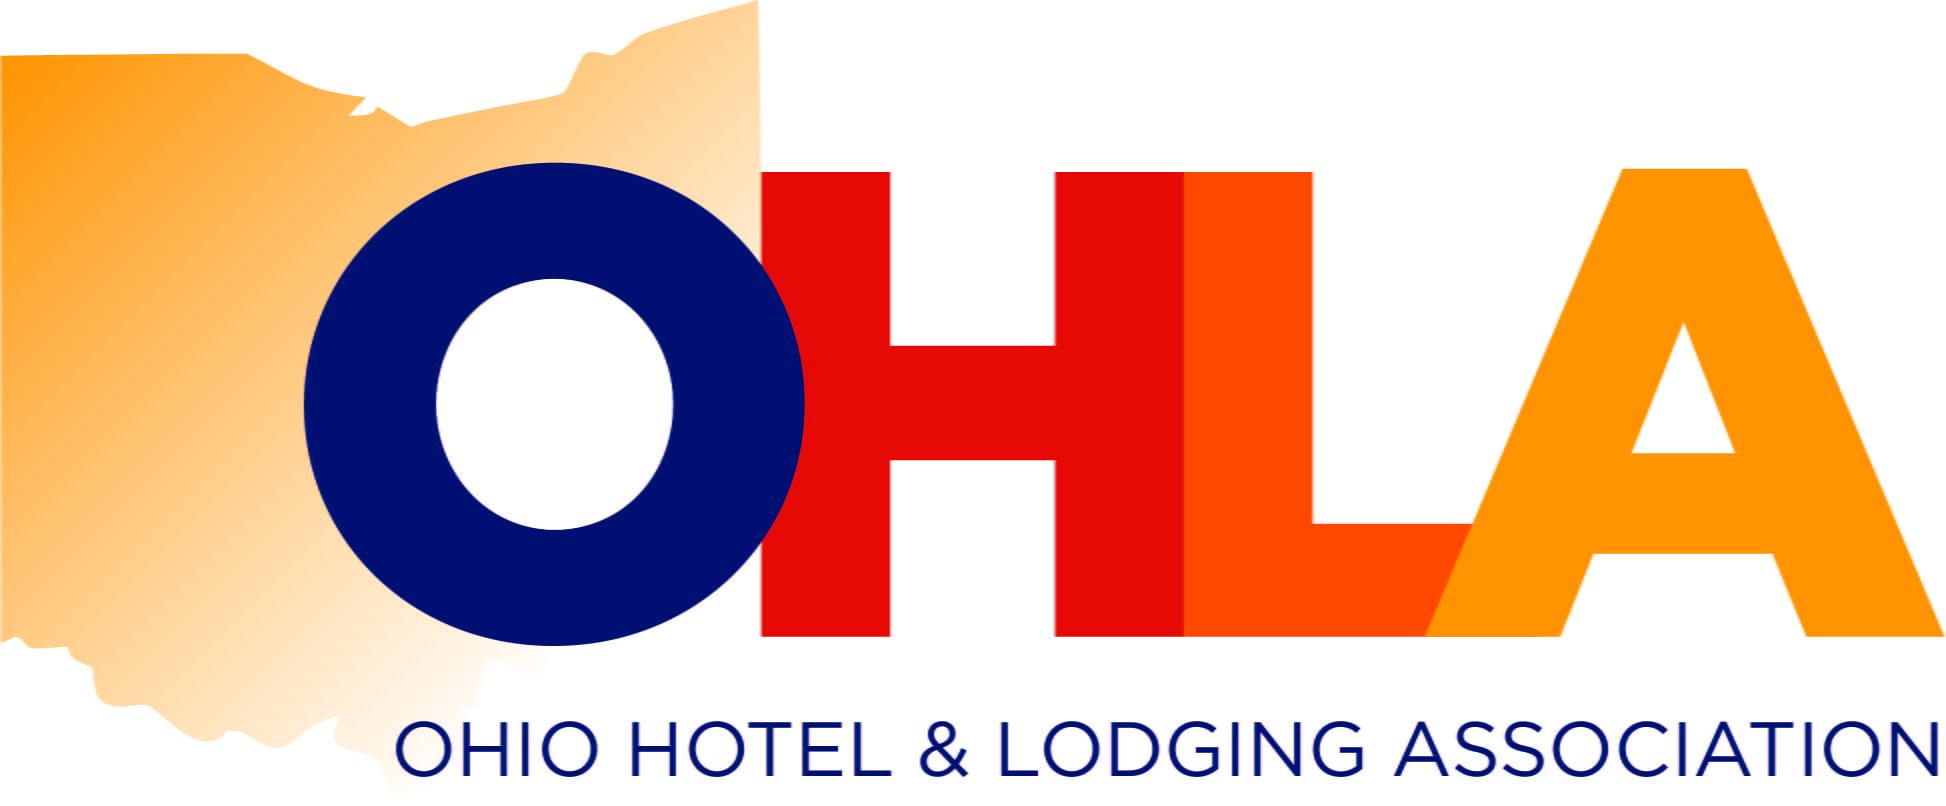 OHLA logo